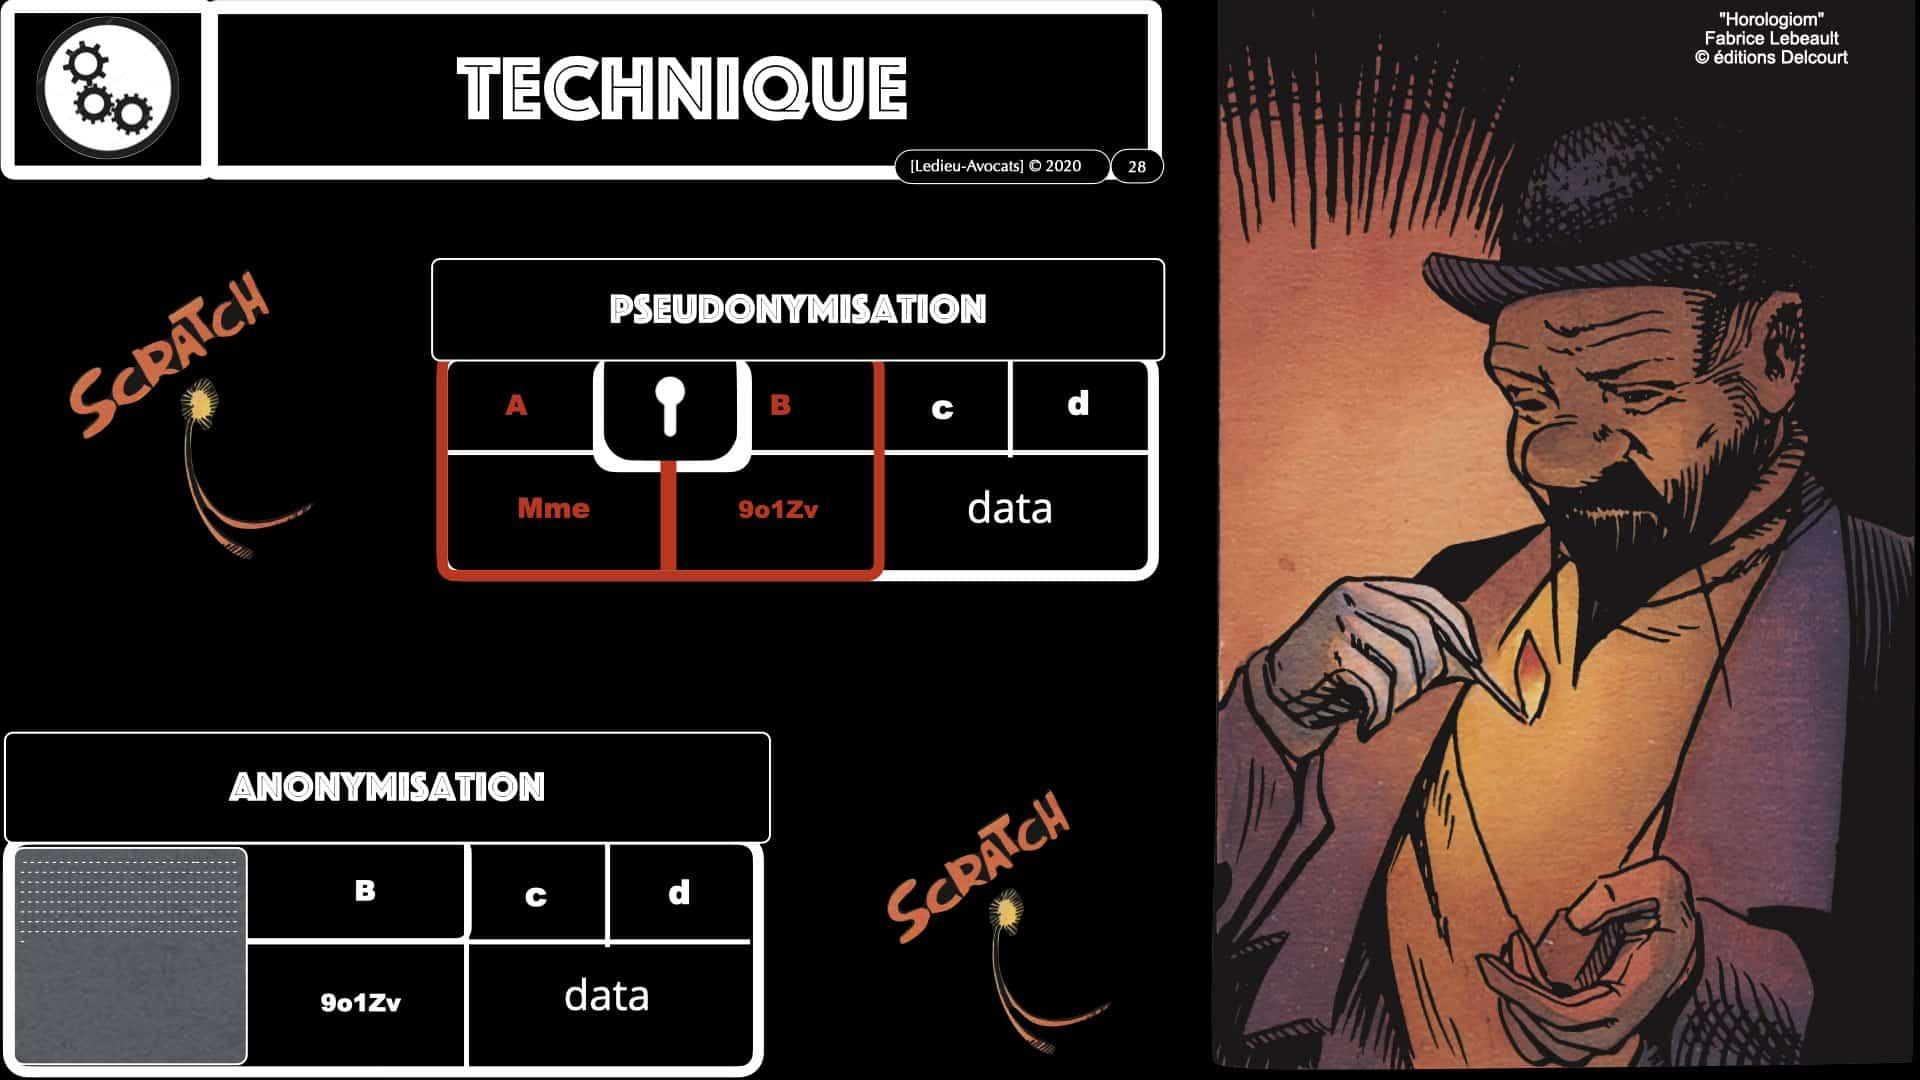 données personnelles pseudonymisation technique